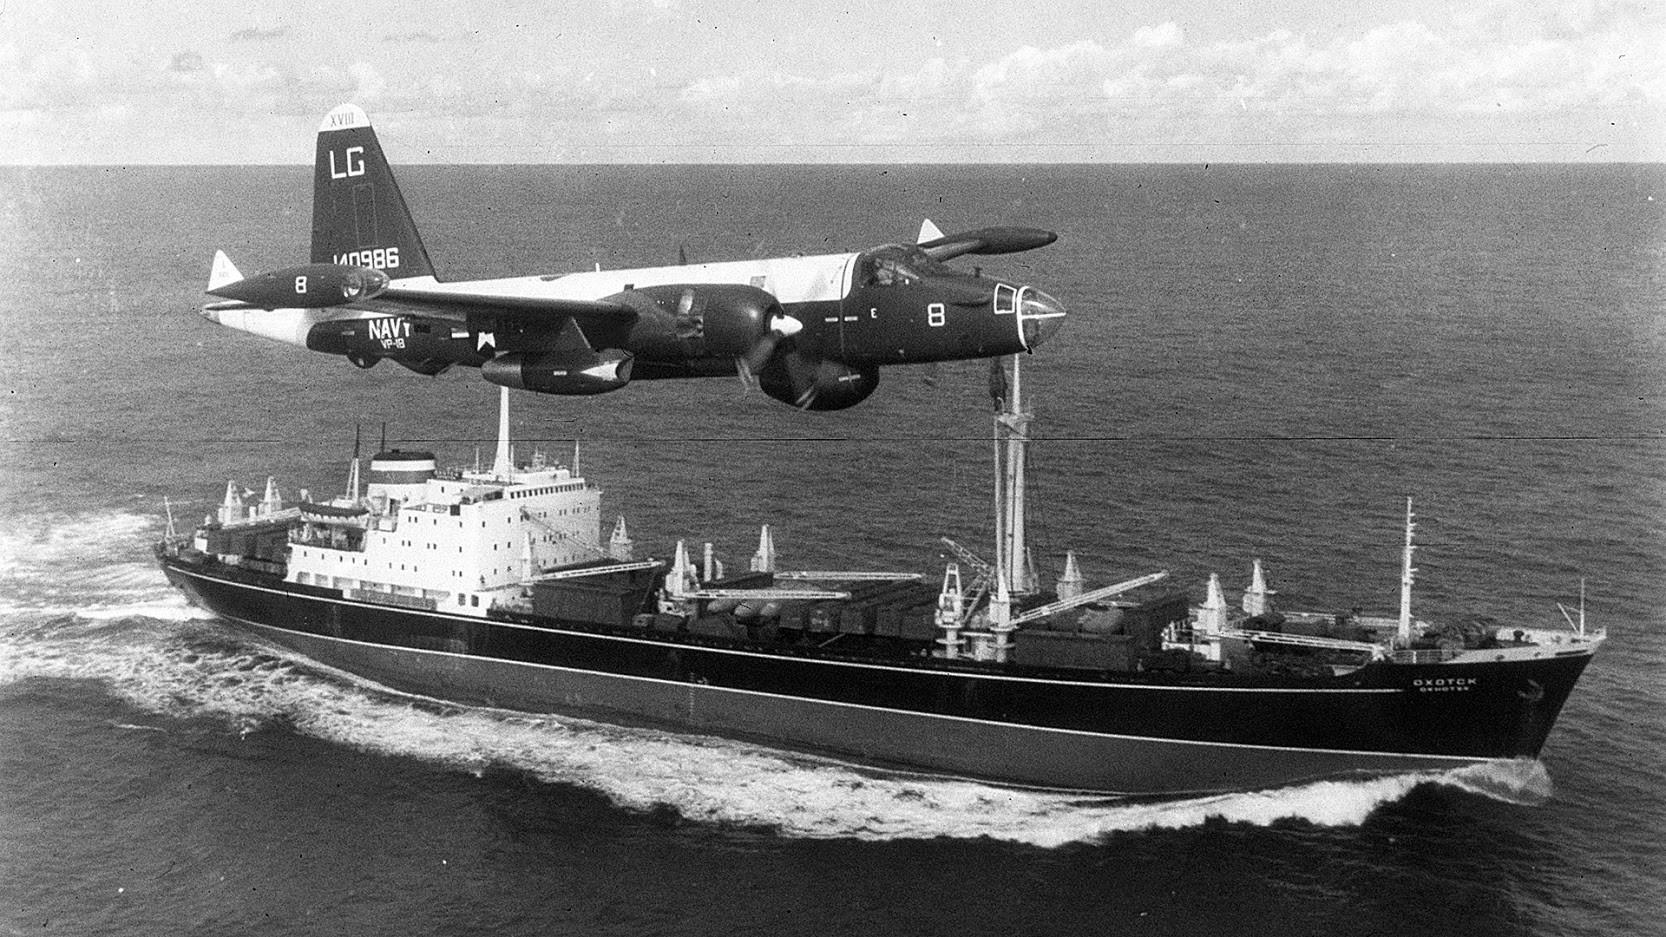 P2V Neptune, американски патролен брод надлетува советски товарен брод во текот на Кубанската криза.